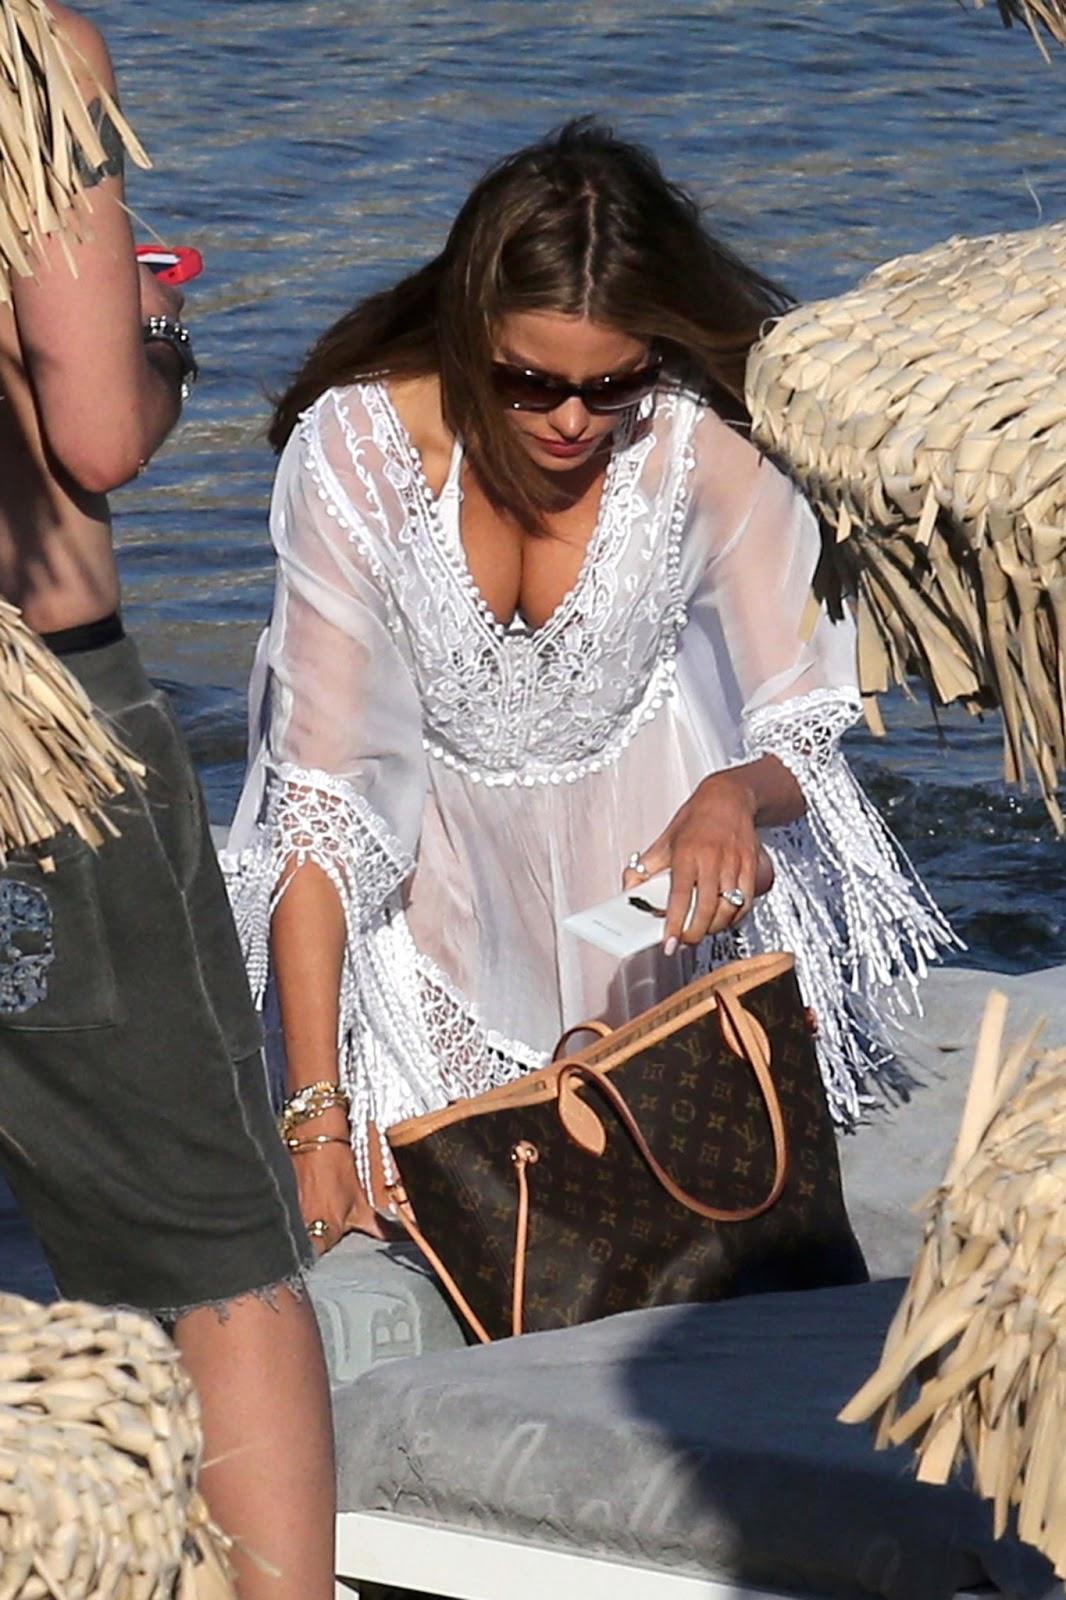 Sofia Vergara Bikini Candids In Greece Hot Celebs Pictures